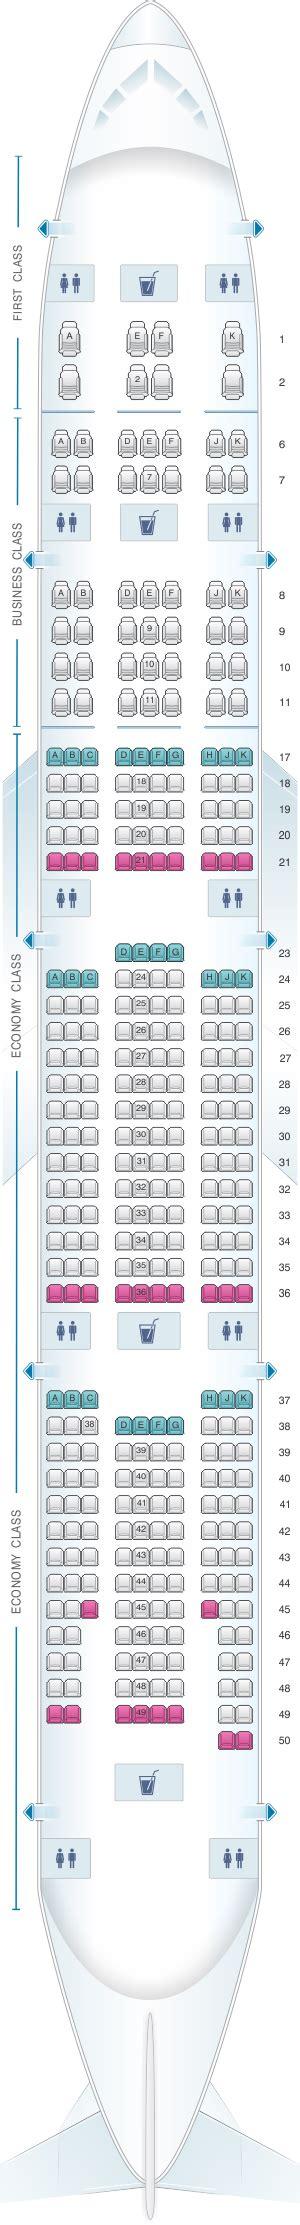 plan siege boeing 777 300er plan de cabine emirates boeing b777 300er three class